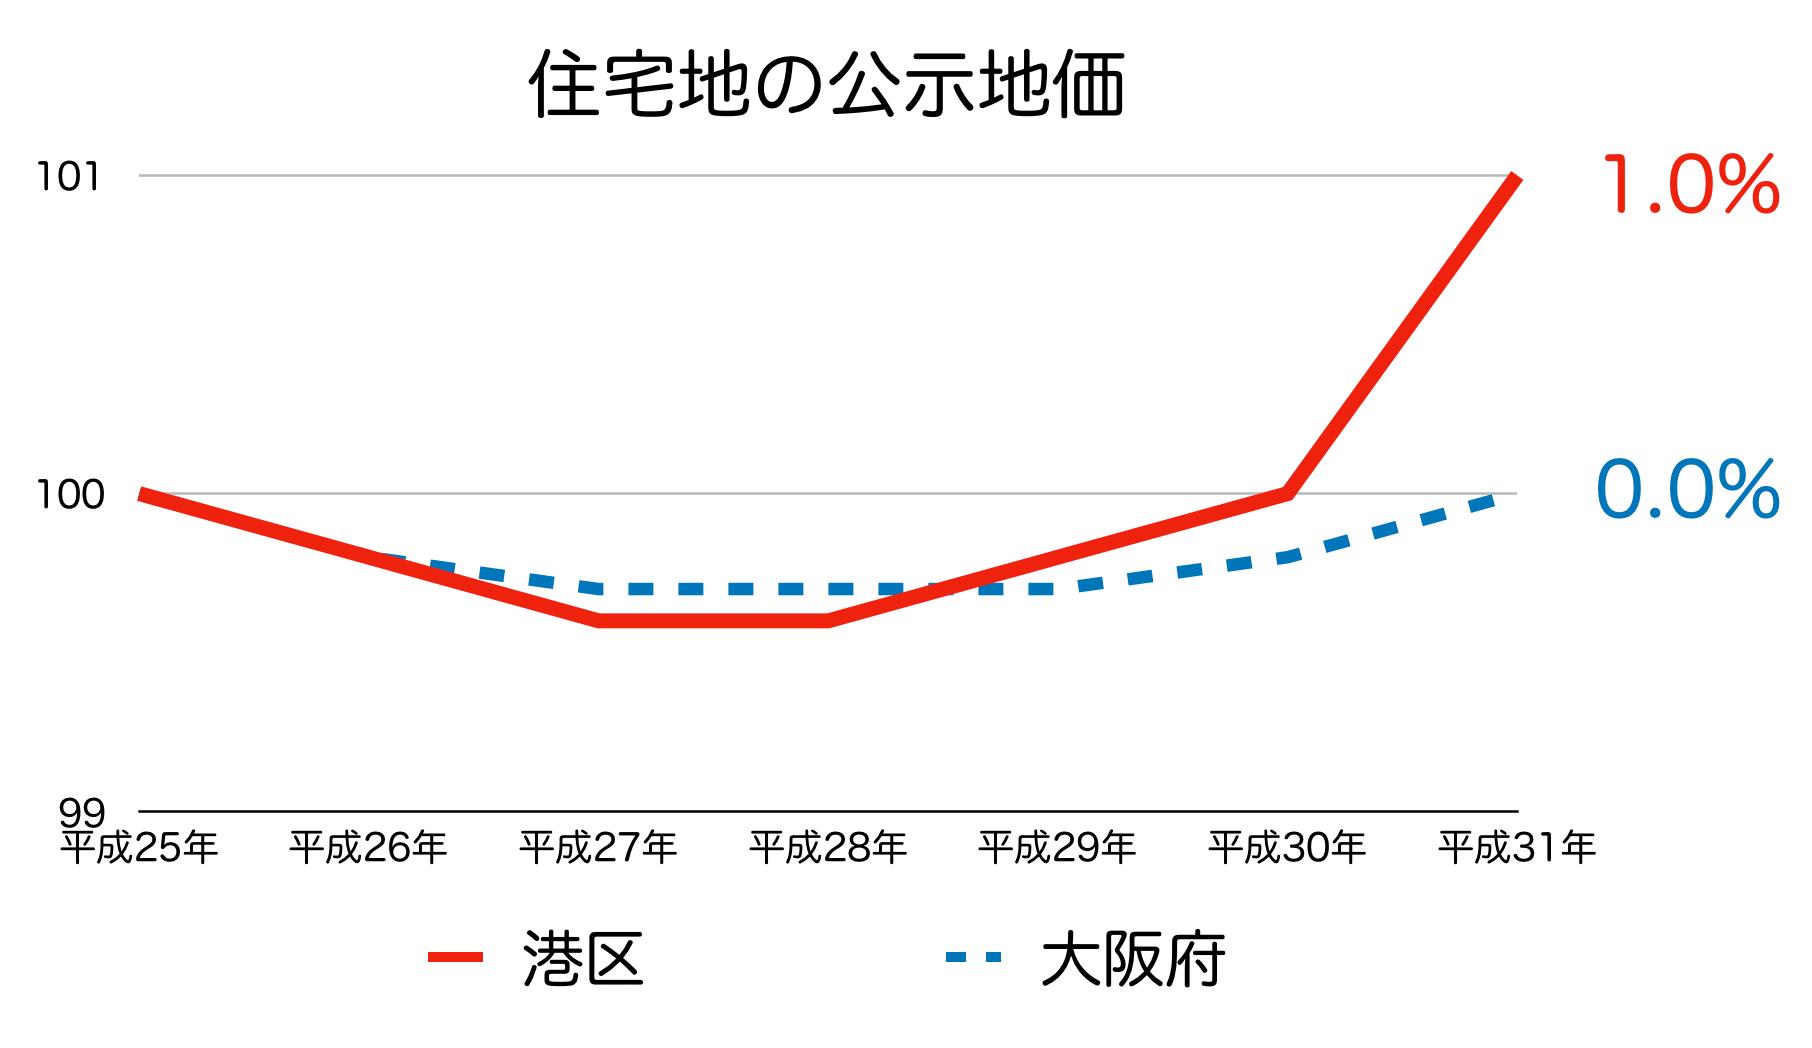 大阪市港区の公示地価 H25-H31